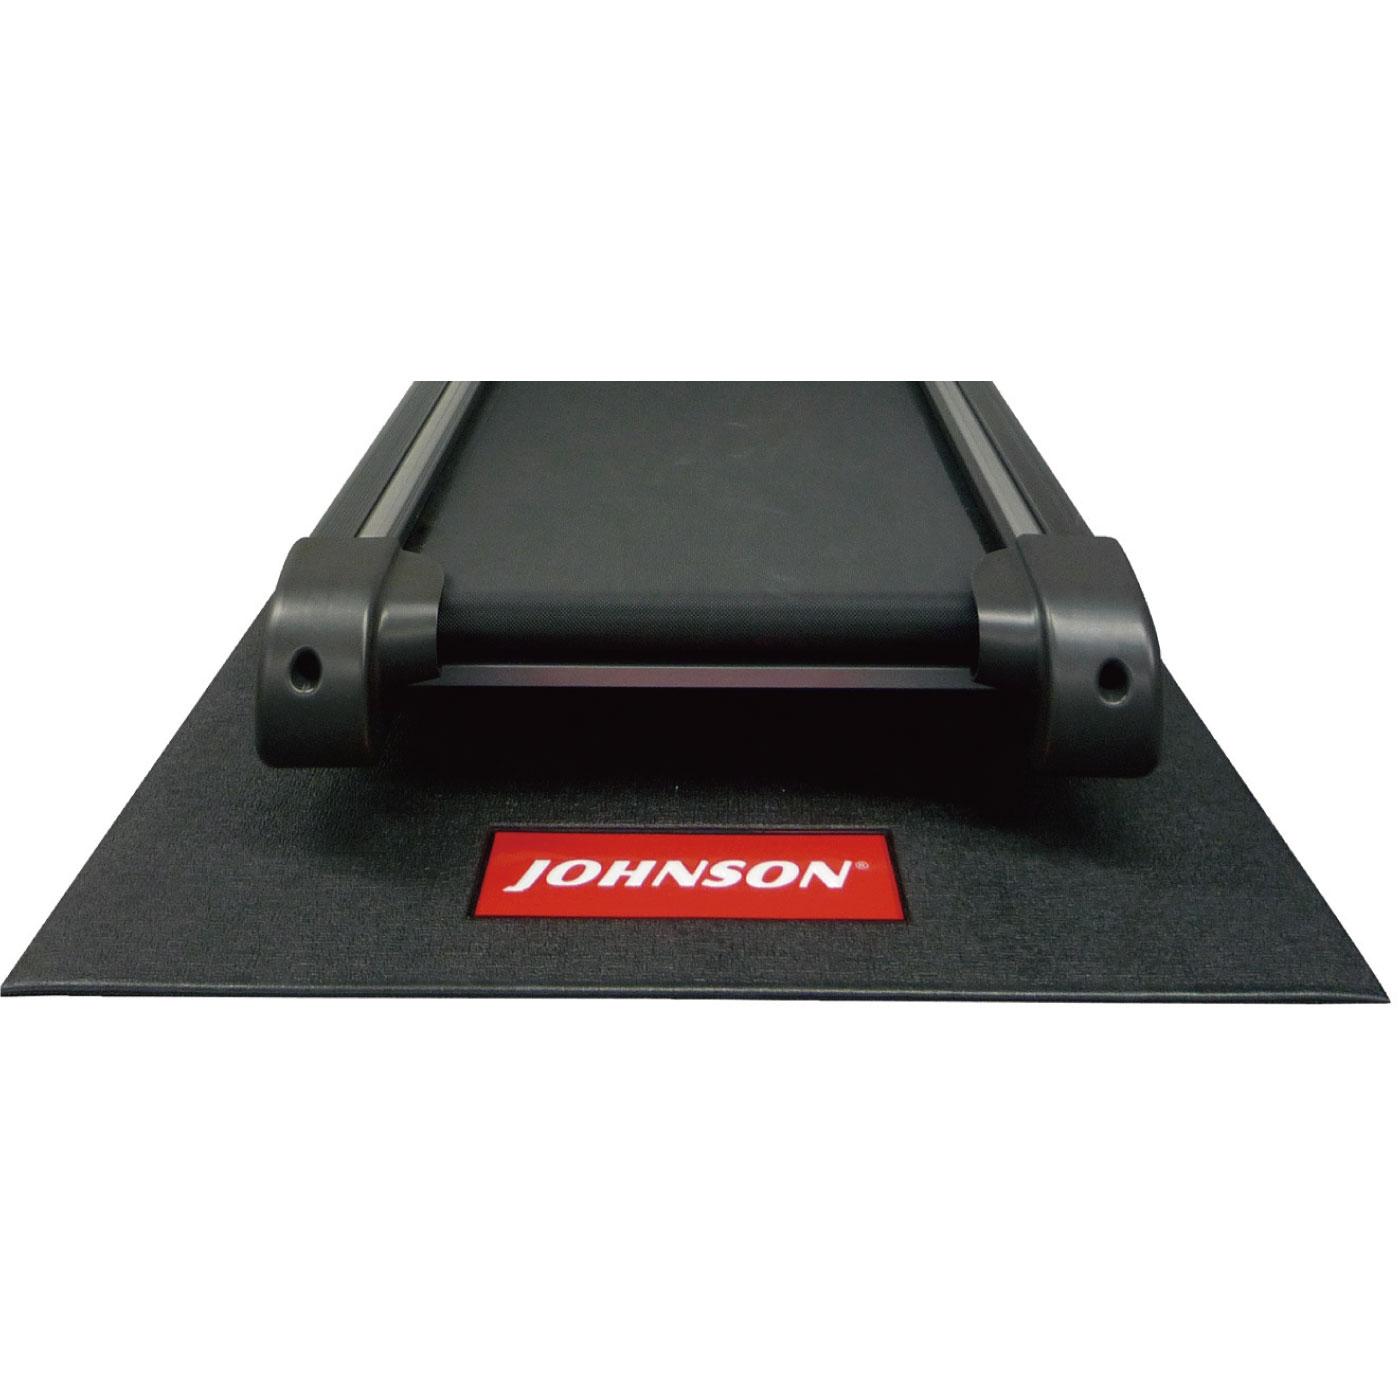 YHZM0007(床保護マット)/オリジナルフロアマット《ジョンソンヘルステック》